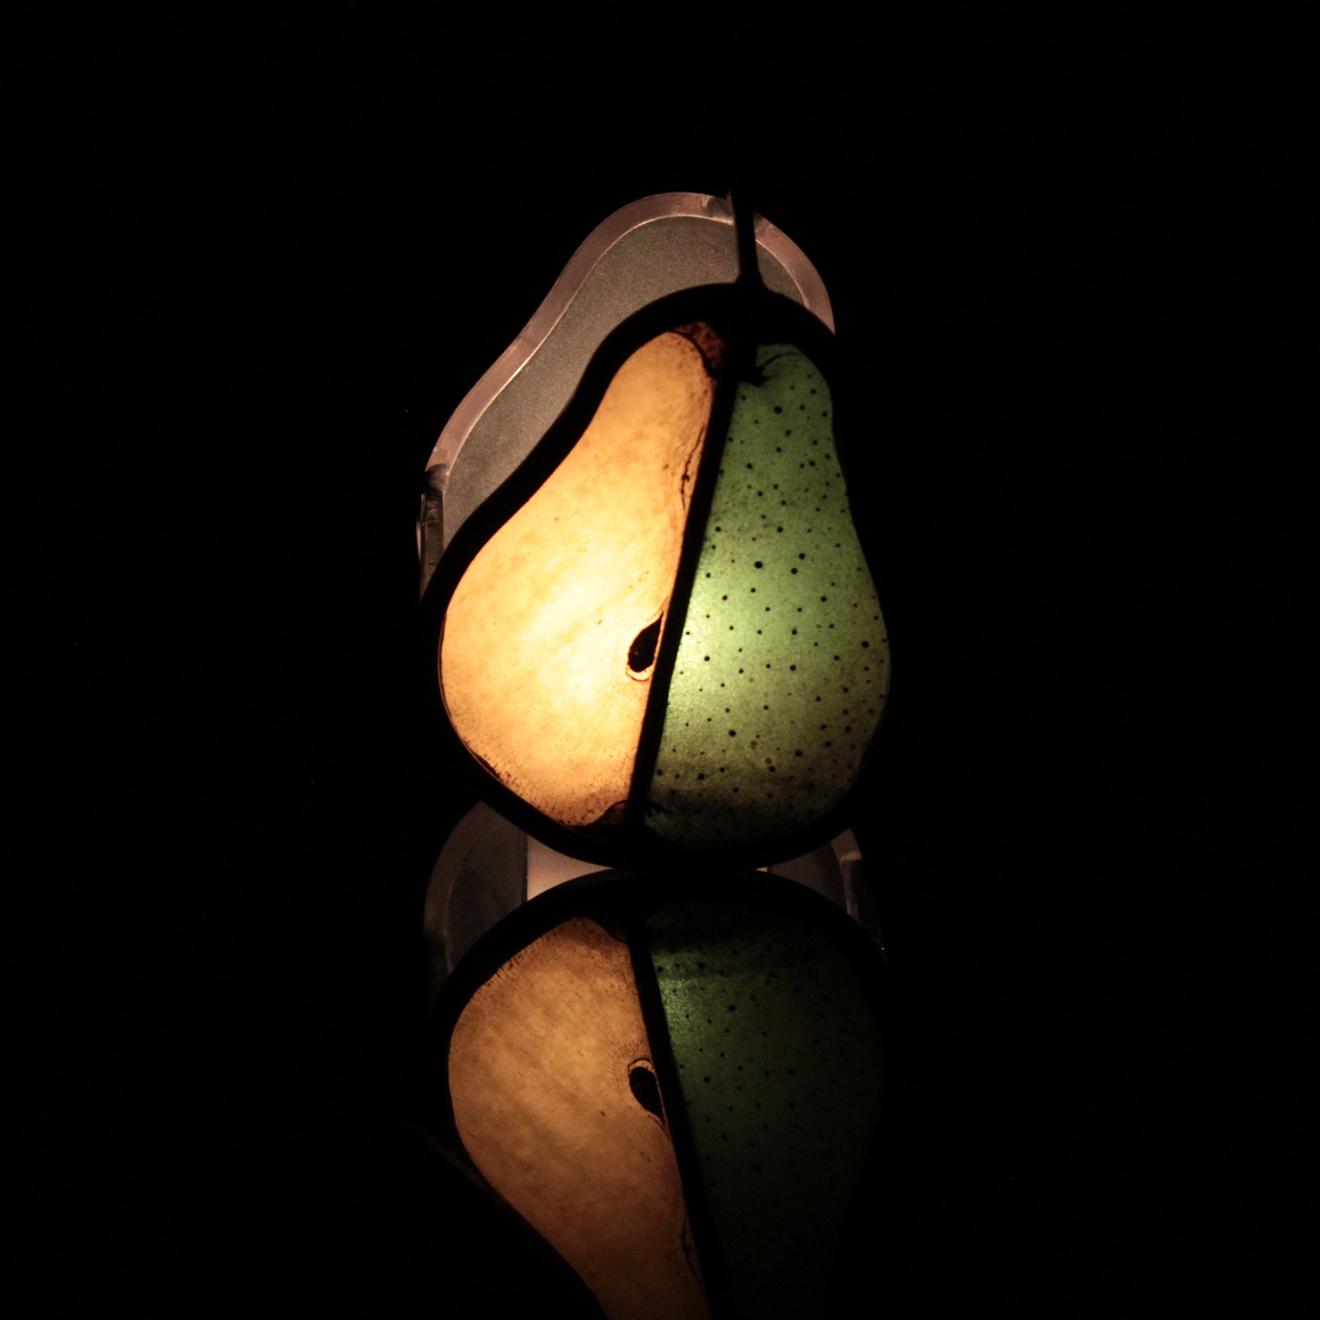 洋梨の形をした3つの小品 04